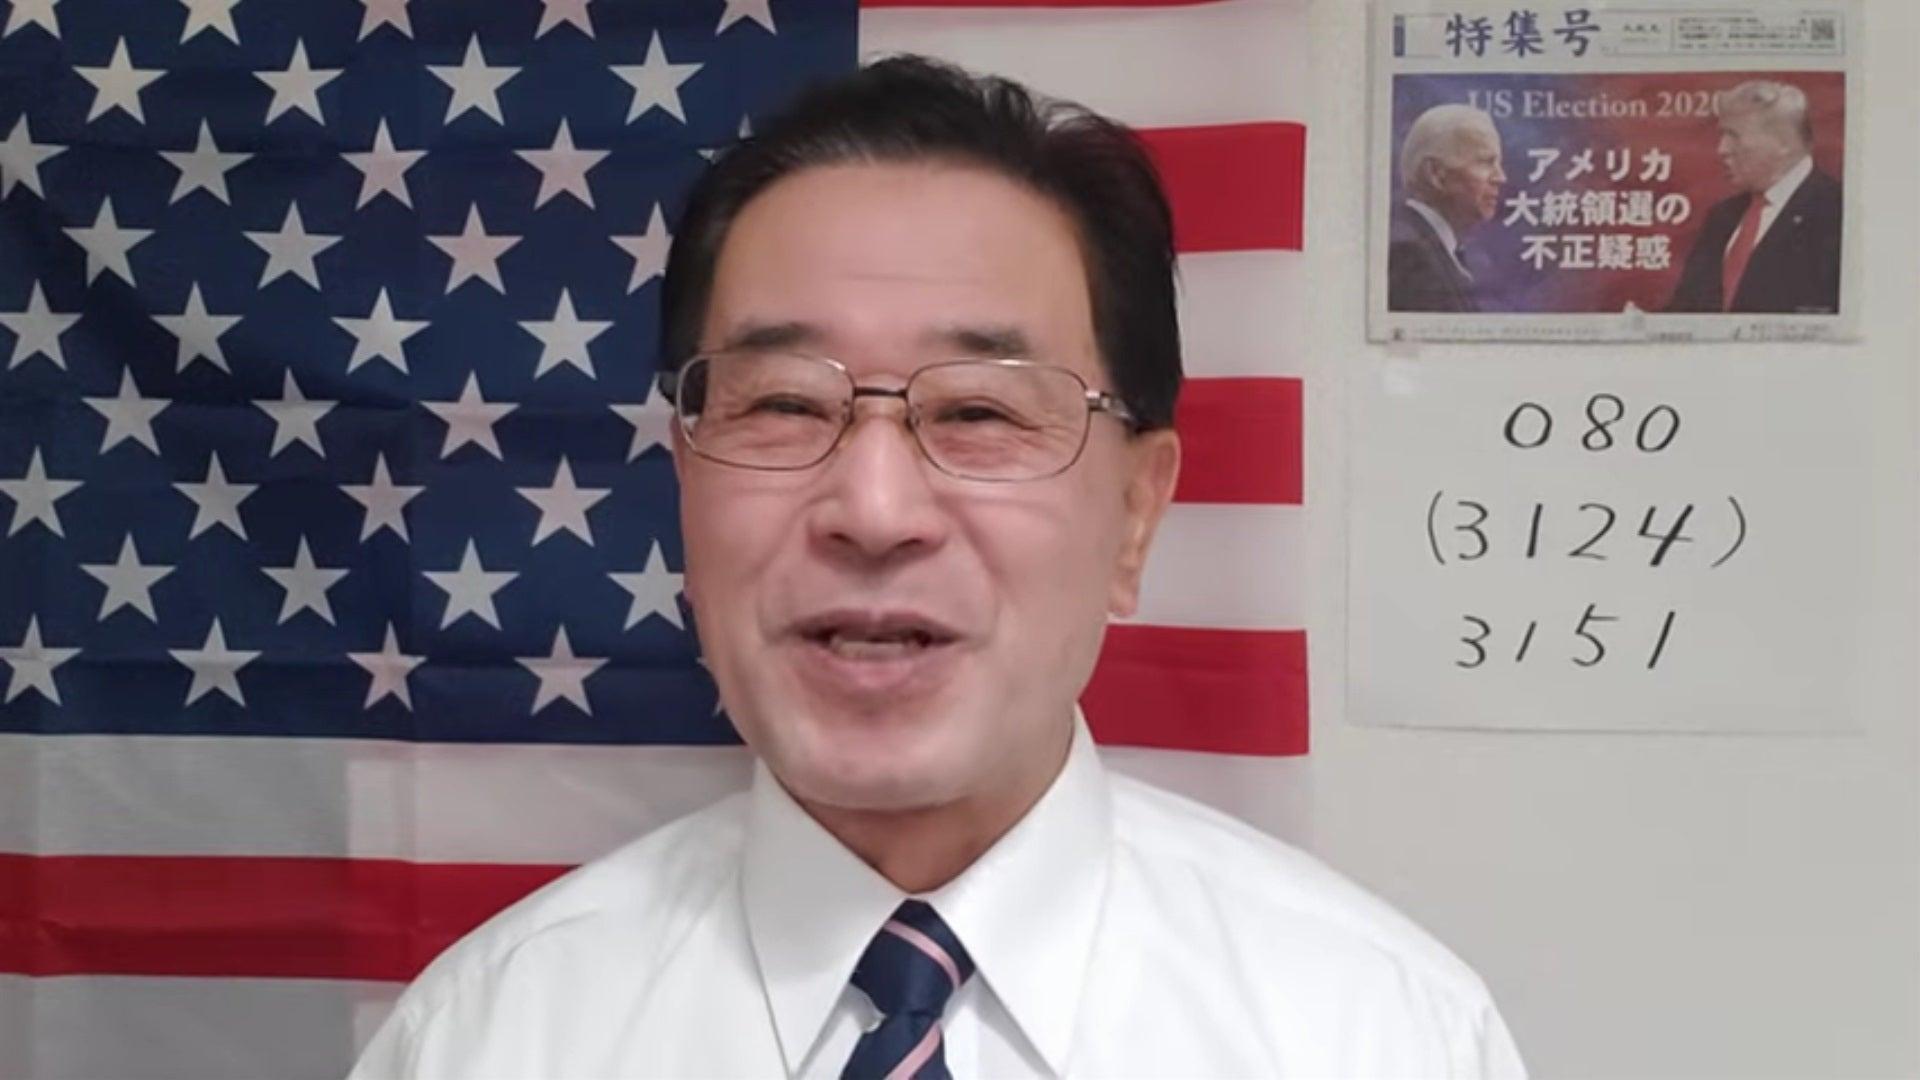 石川 新一郎 チャンネル Www.youtube.com